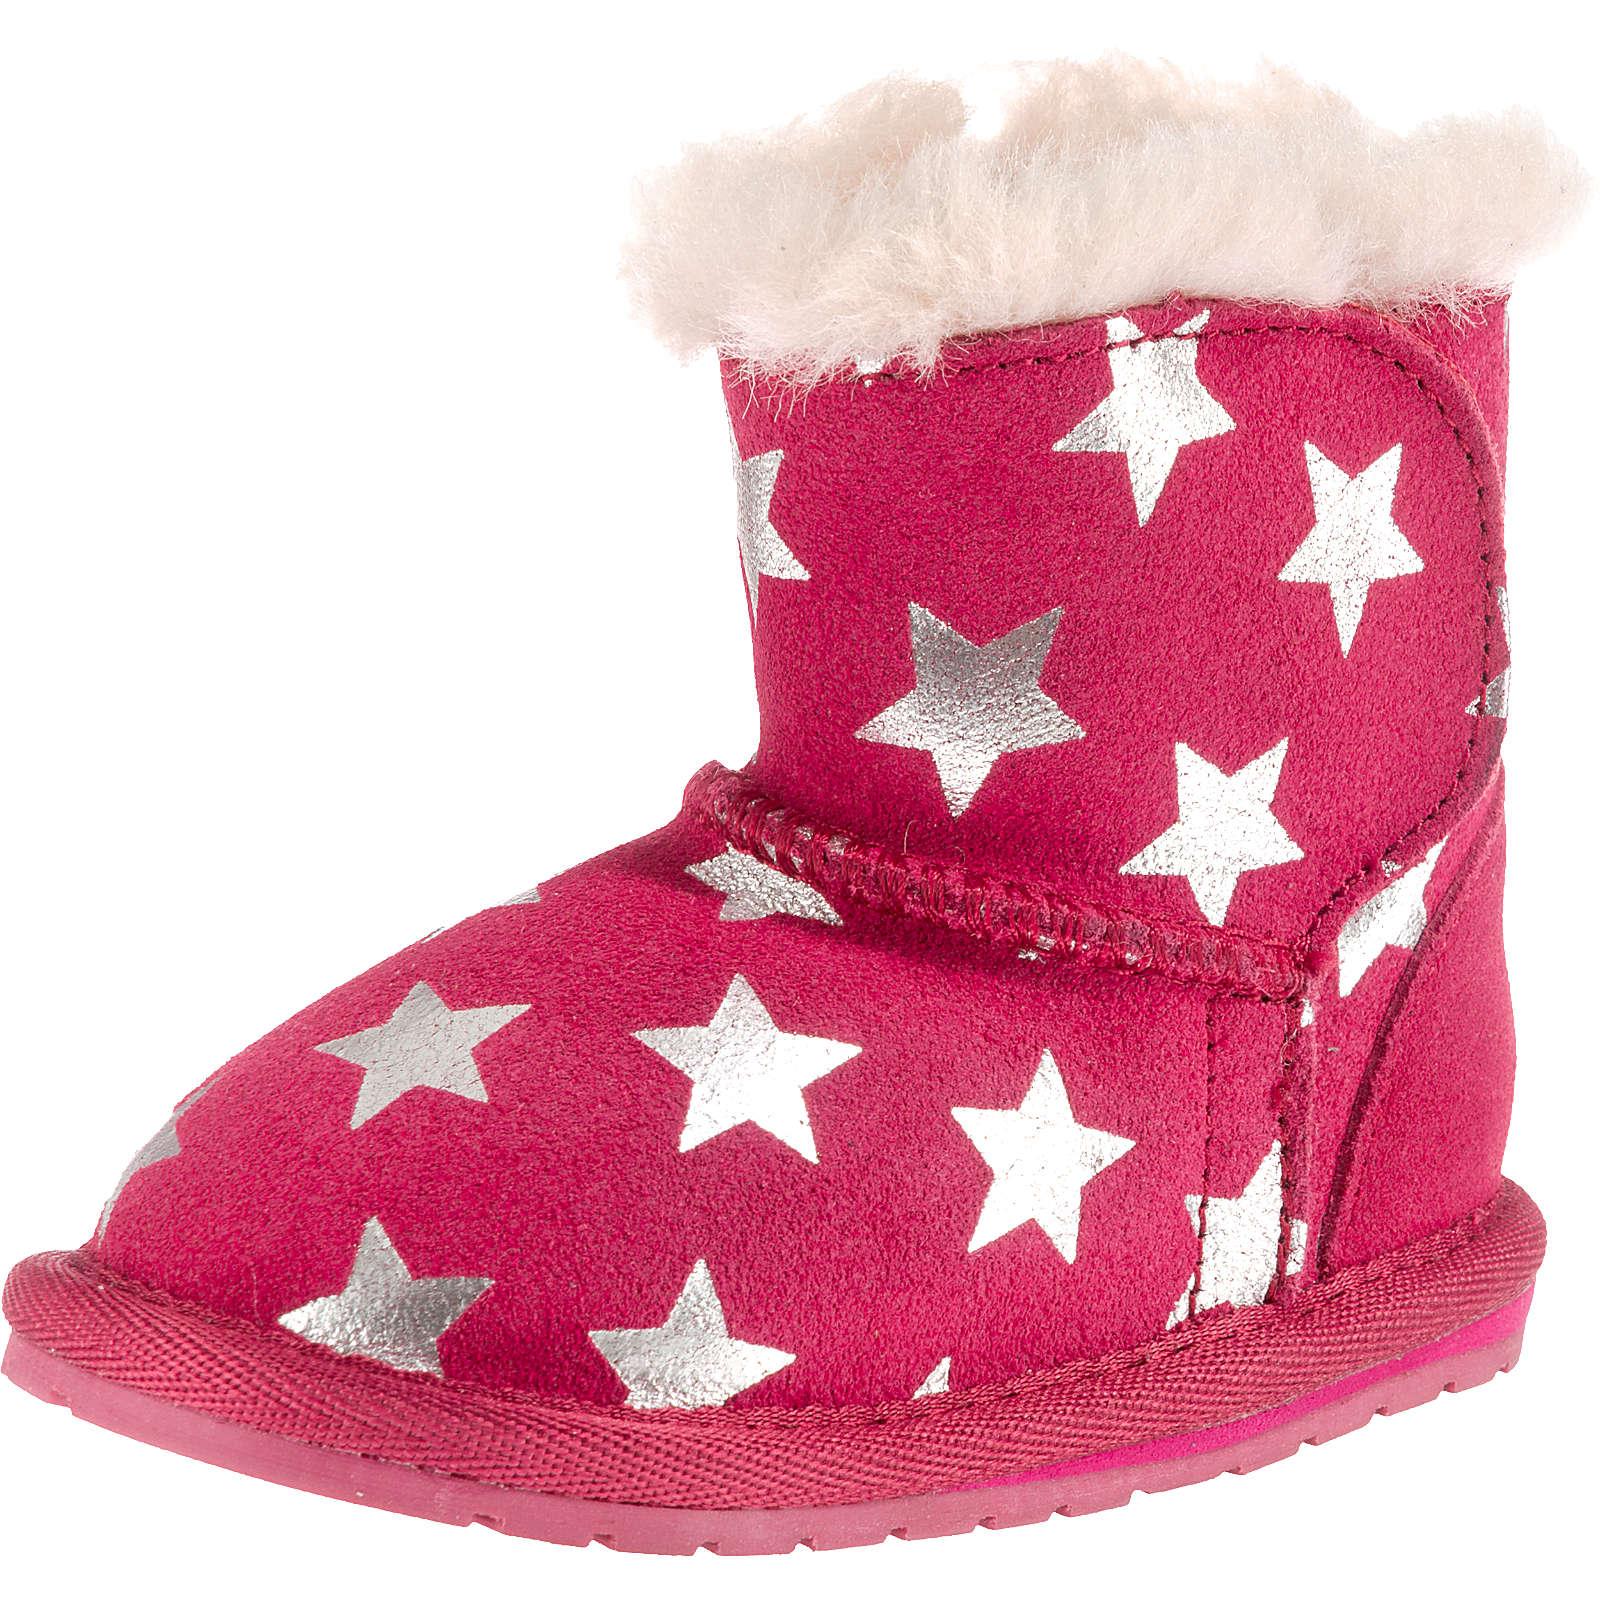 EMU Australia Baby Winterstiefel TODDLE STARRY NIGHT für Mädchen pink Mädchen Gr. 19